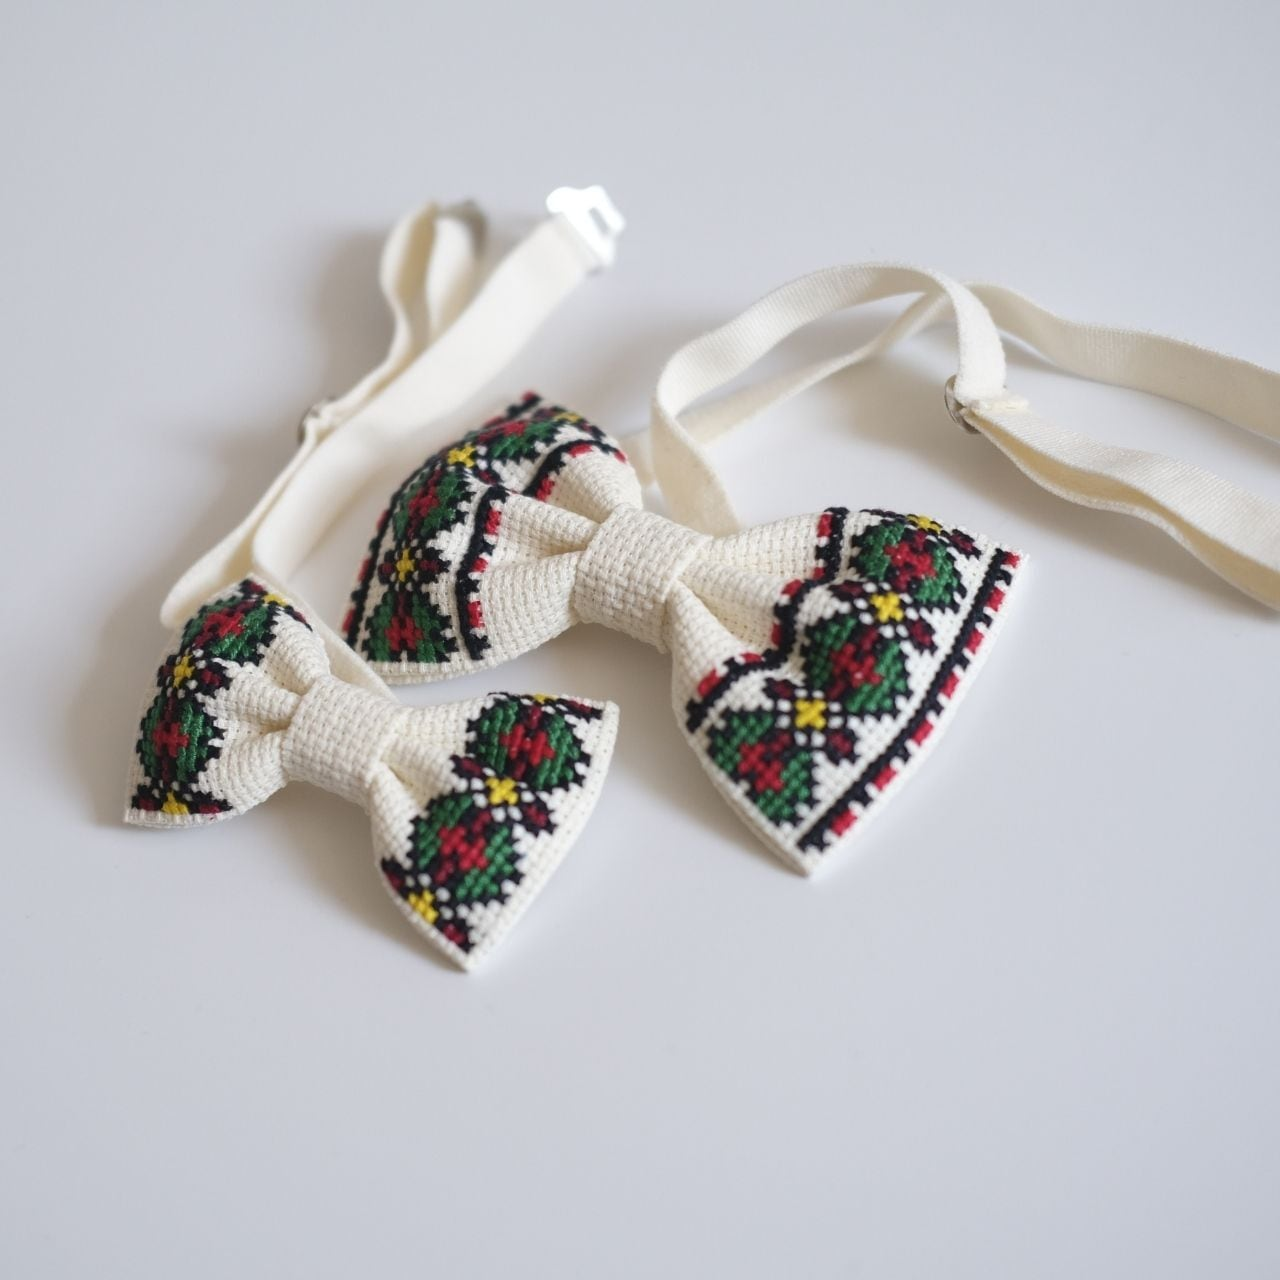 刺繍の親子蝶ネクタイ【アイボリー】